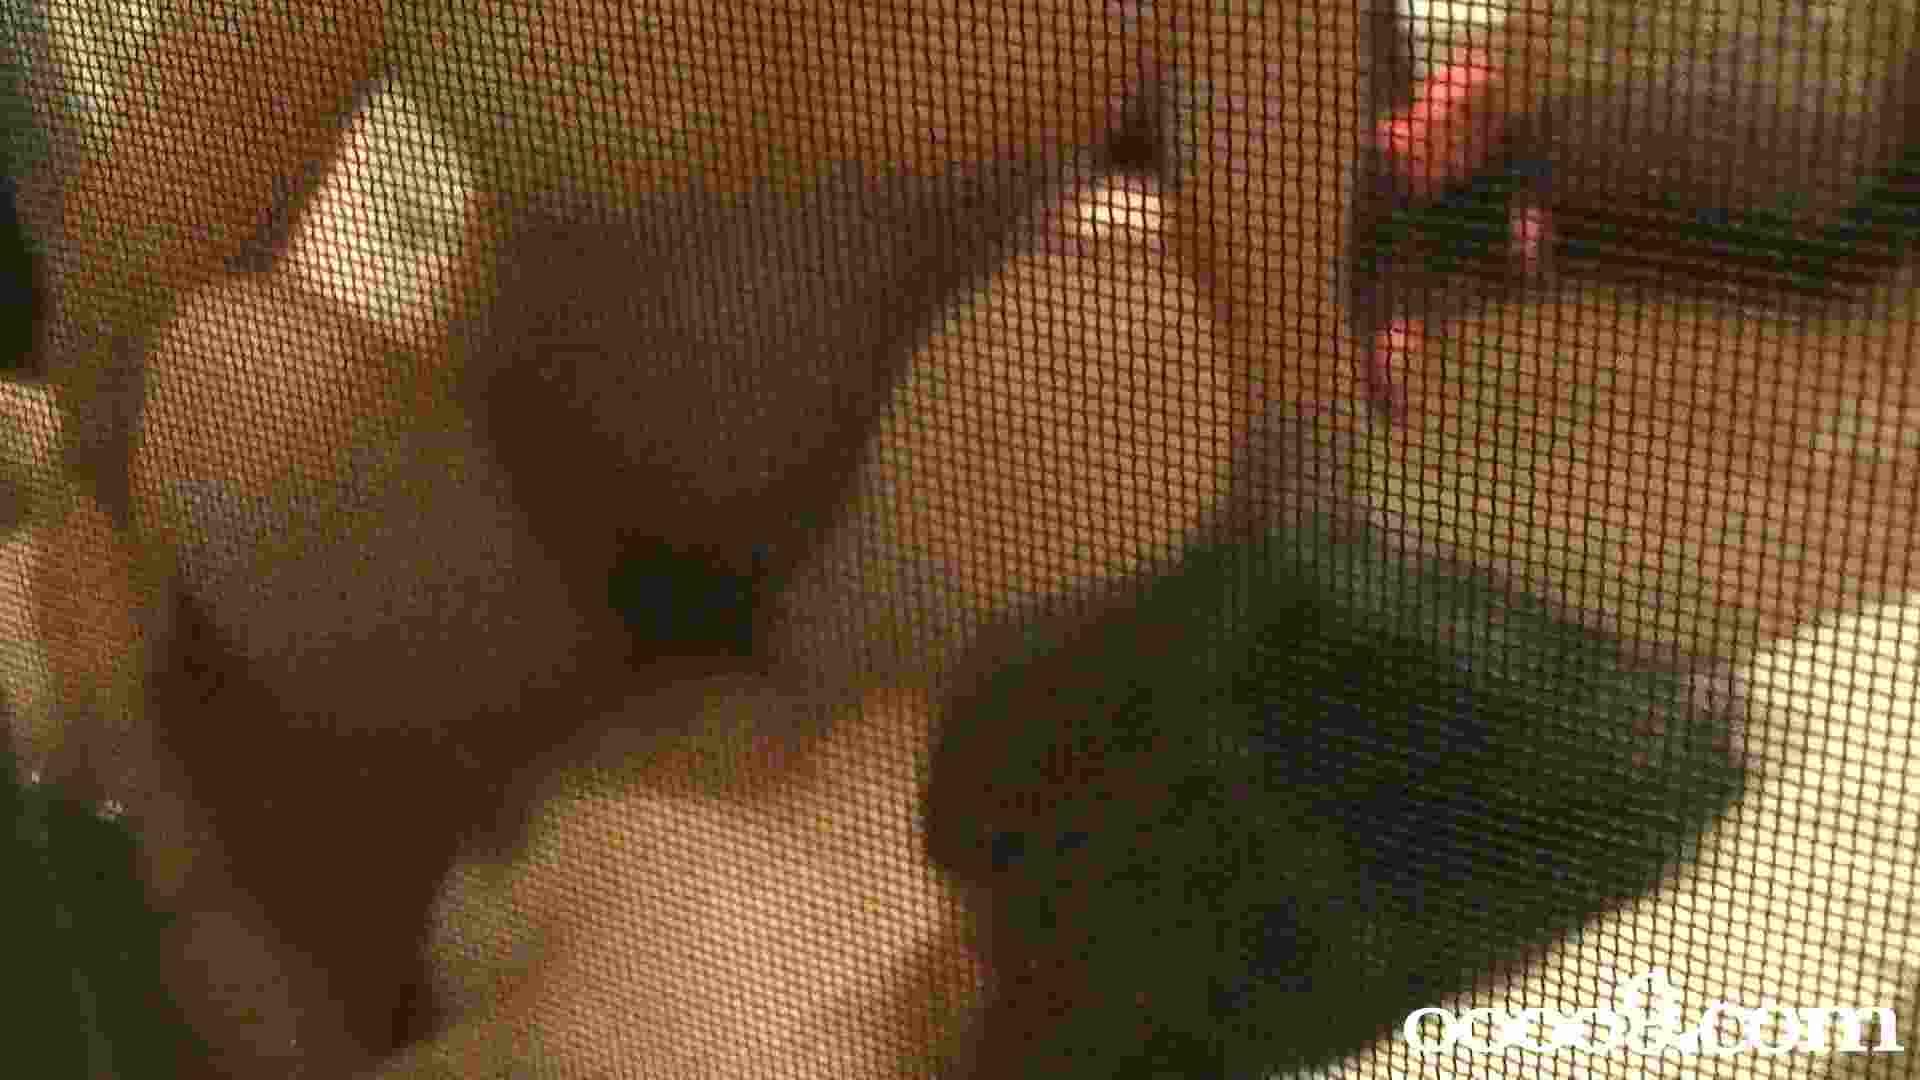 今度はHDだよ!ハメ撮りFカップみかちゃん vol.01 隠撮 | ギャル達のおっぱい  70画像 22